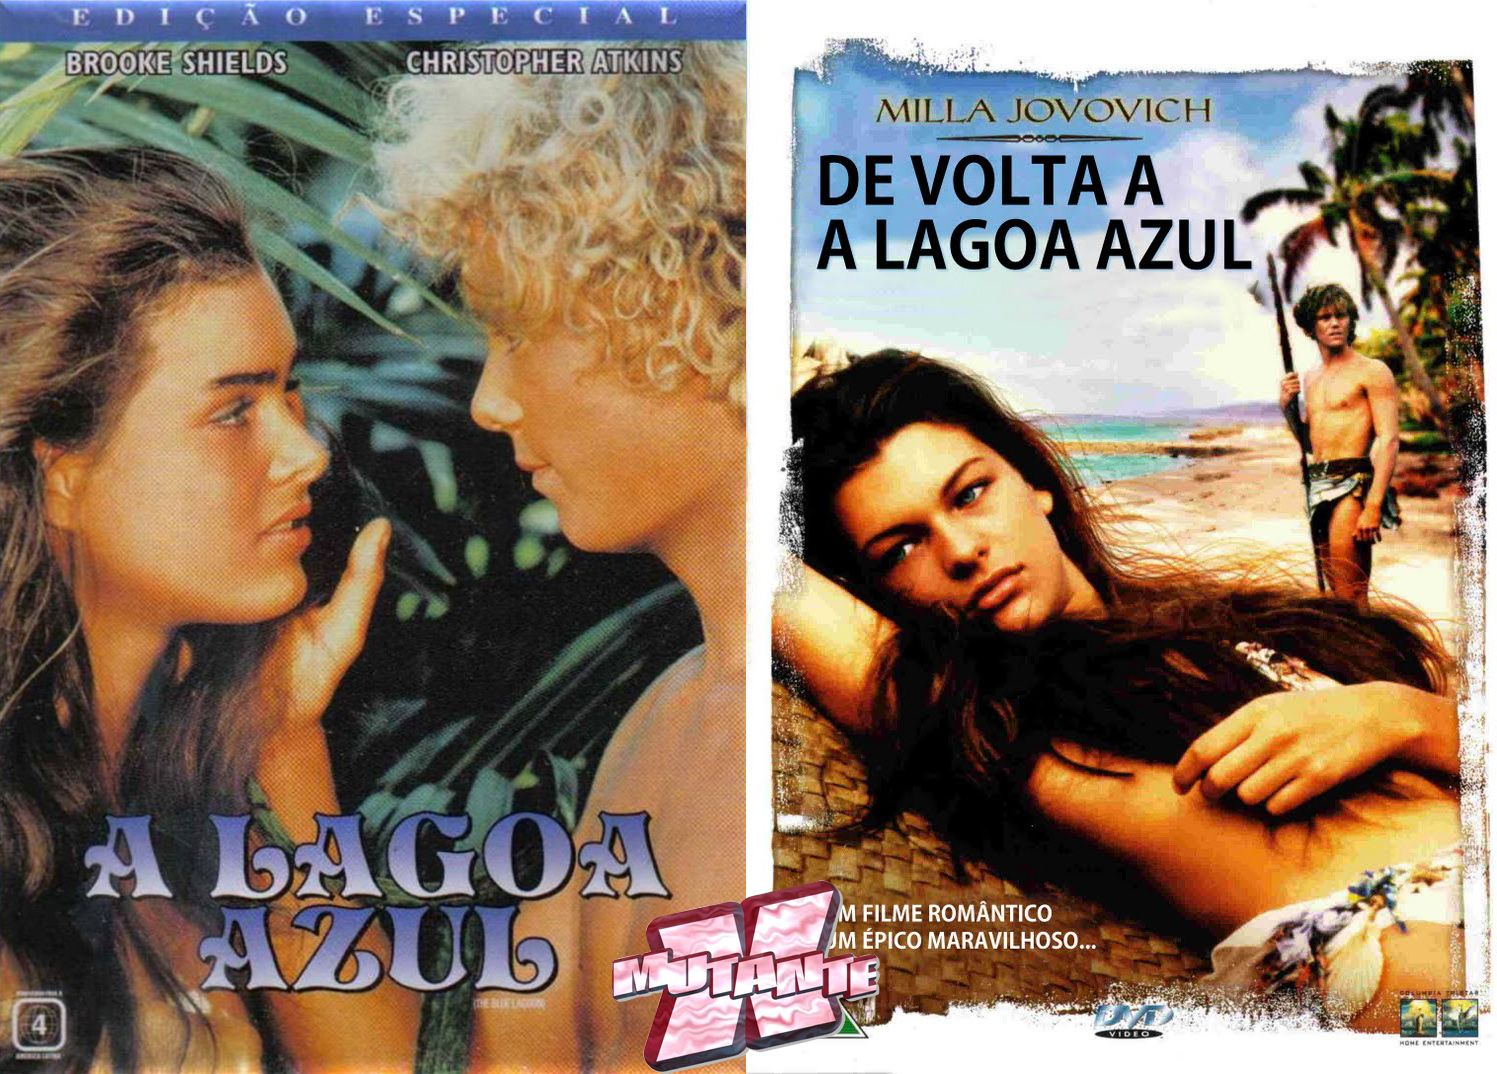 Resultado De Imagem Para Capa Do Filme A Lagoa Azul Com Imagens